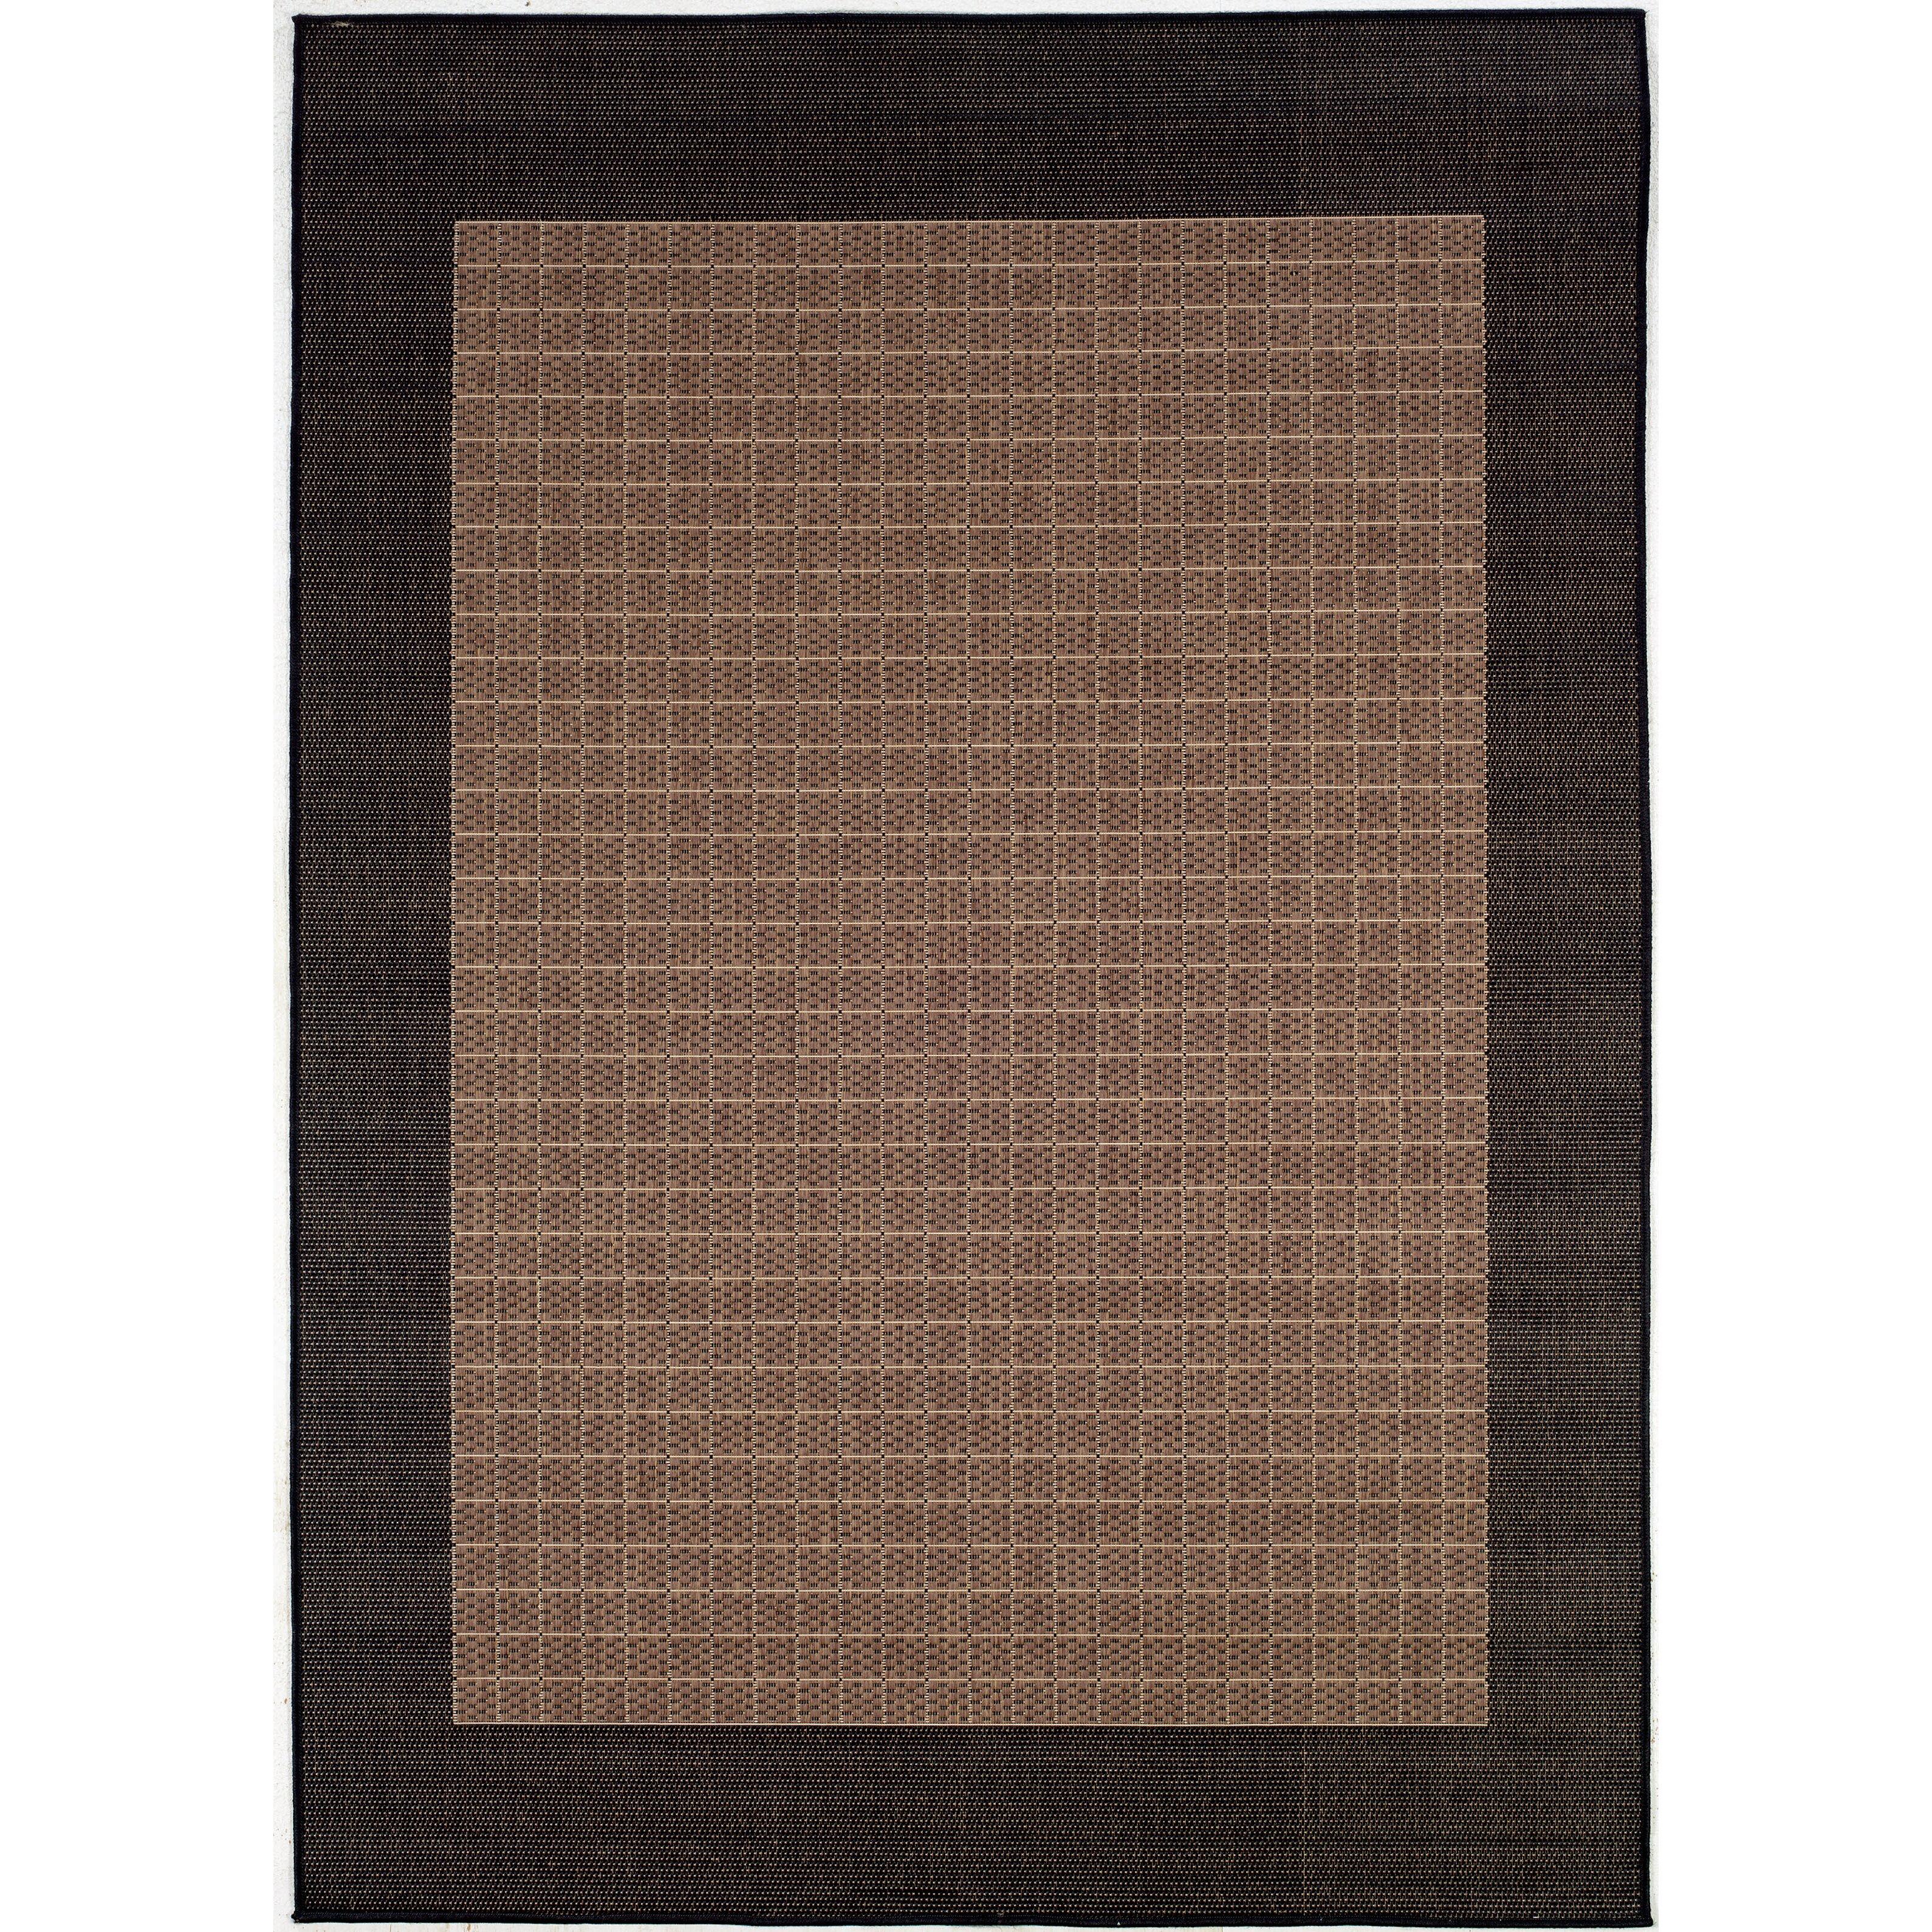 Checkered Outdoor Rug: Couristan Recife Checkered Field Black Cocoa/Dark Brown